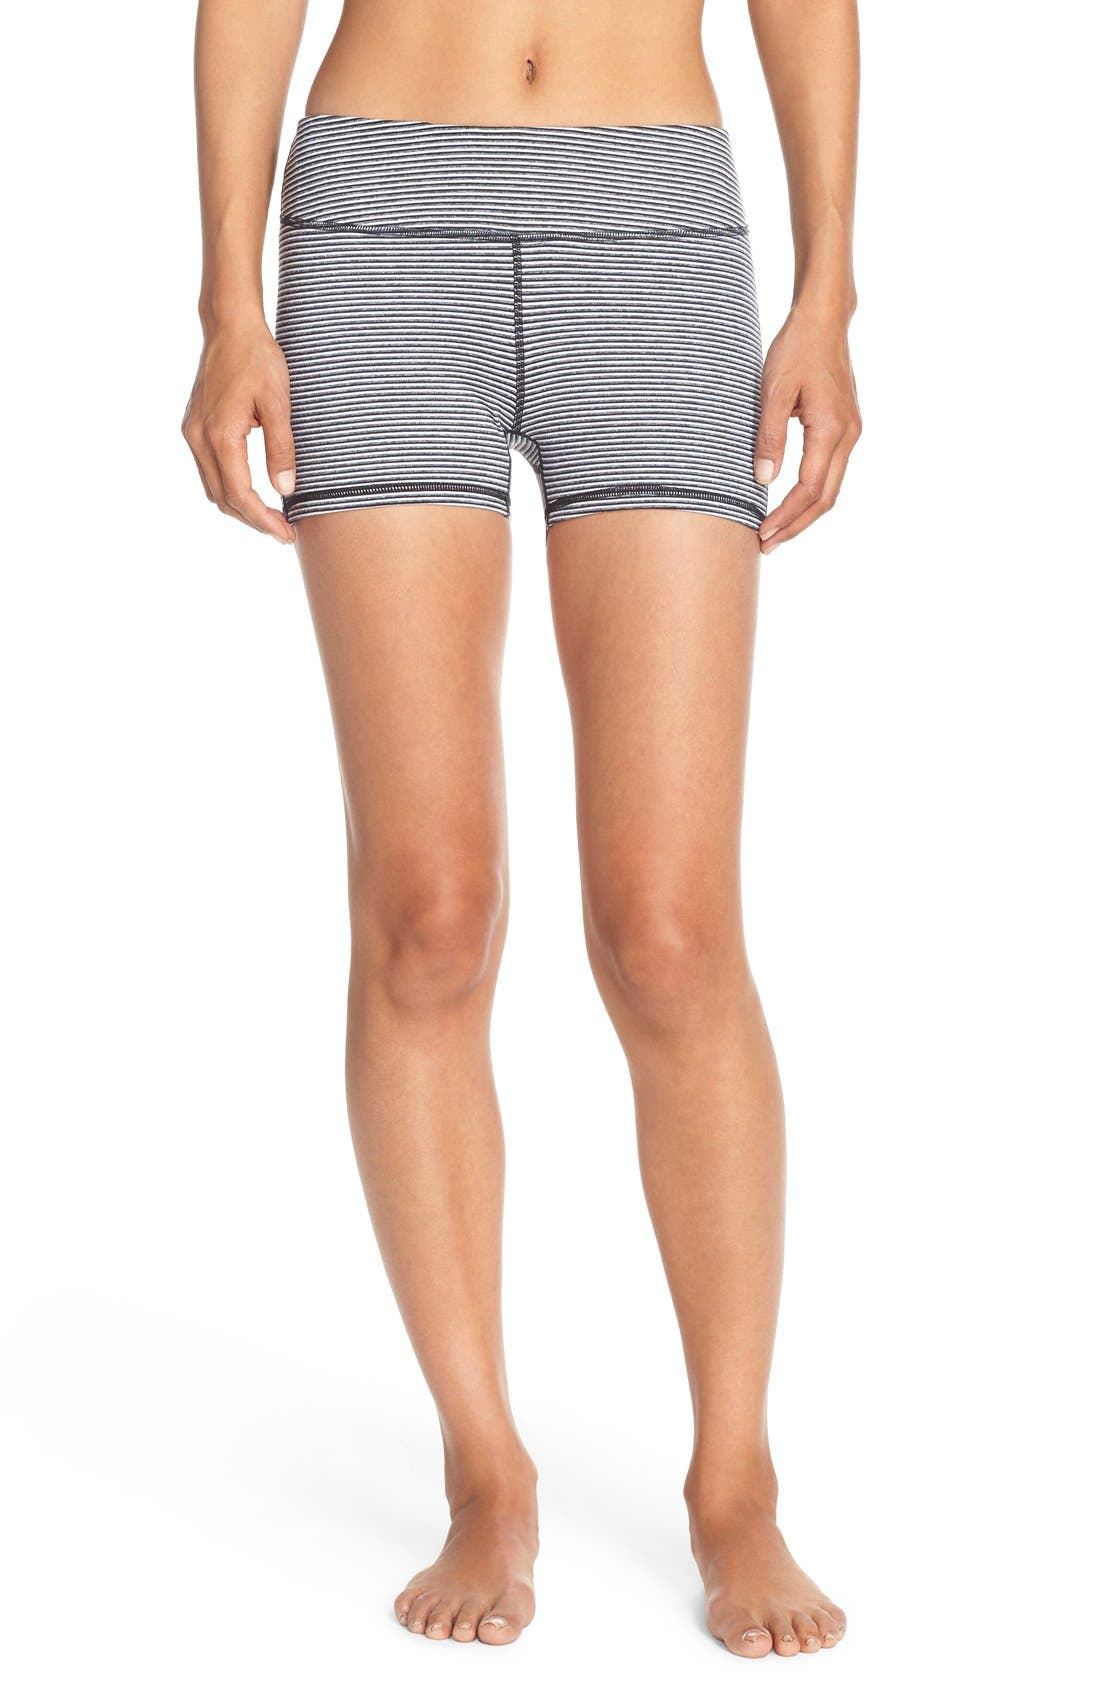 Main Image - Zella 'Haute' Compression Shorts